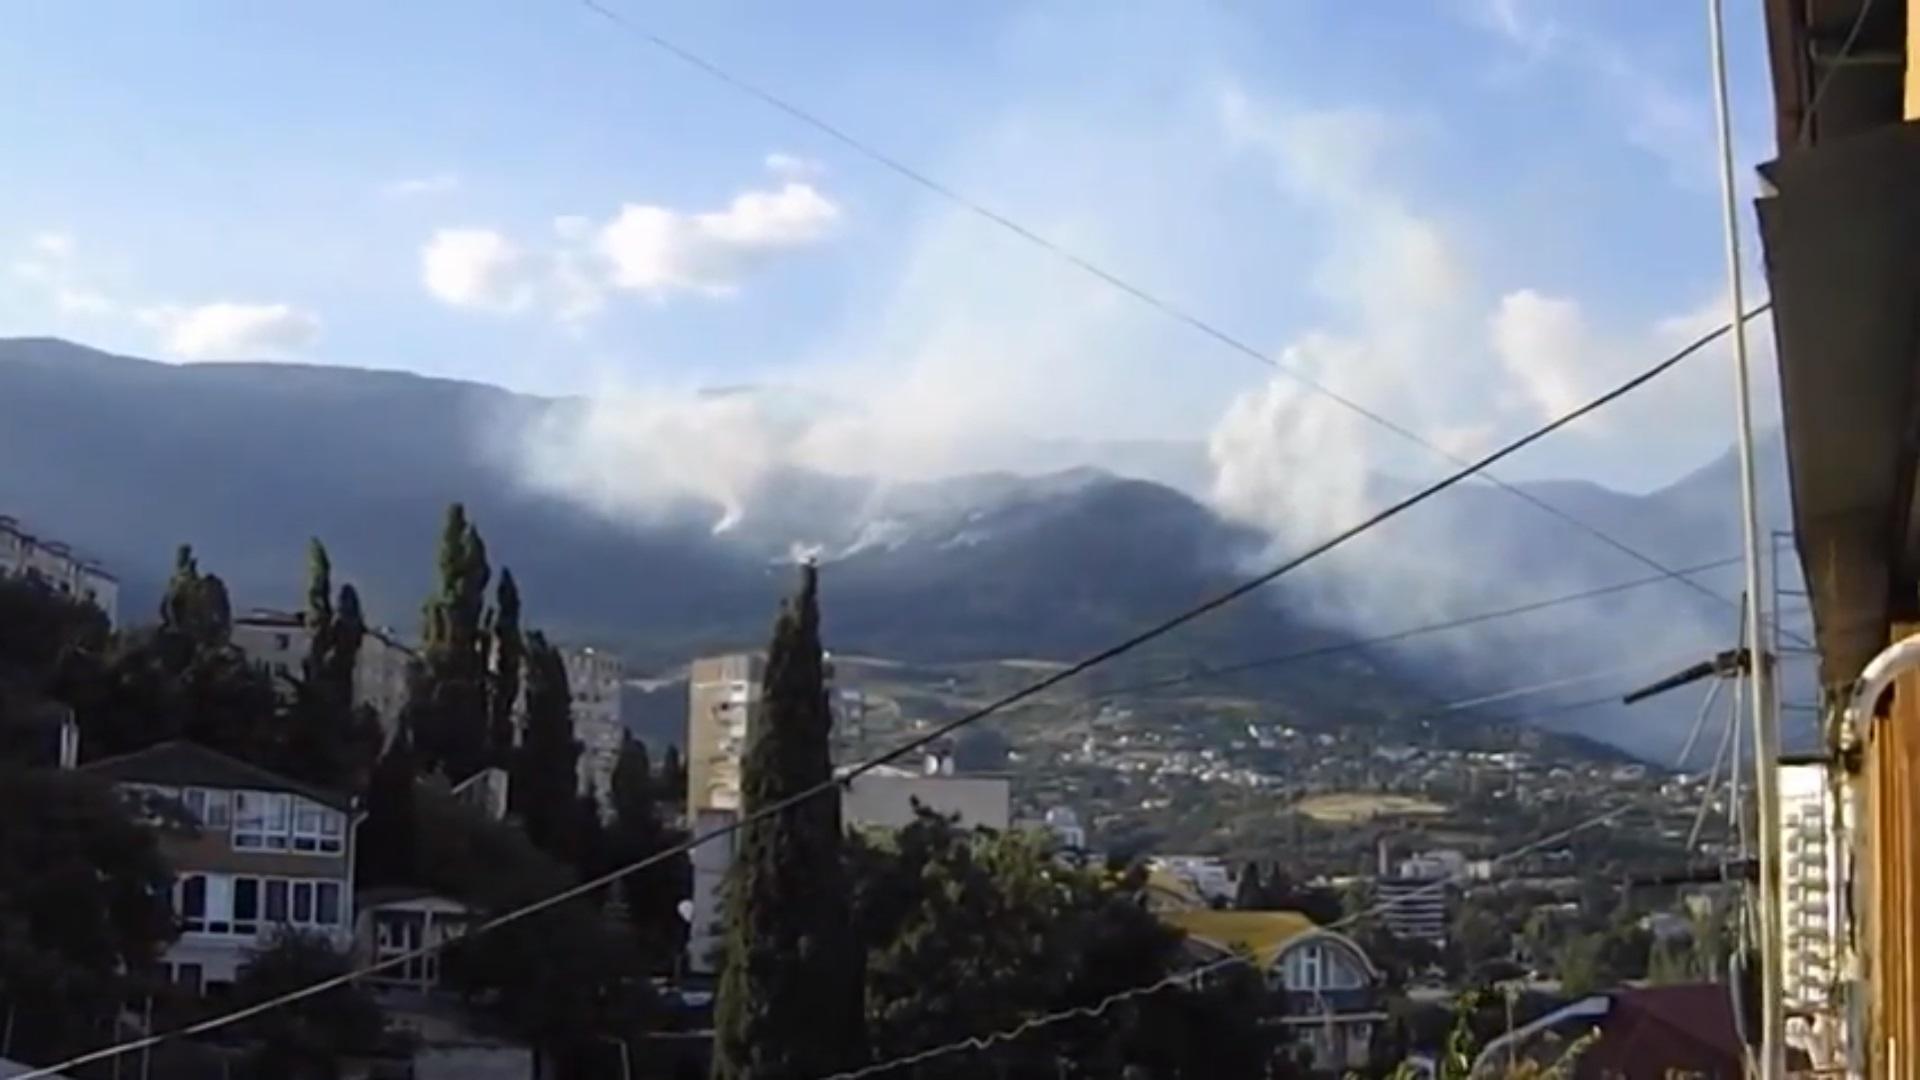 СРОЧНО! В Крымских горах возле Ялты пытаются спасти в лестном пожаре известного российского актера Пореченкова (ВИДЕО)